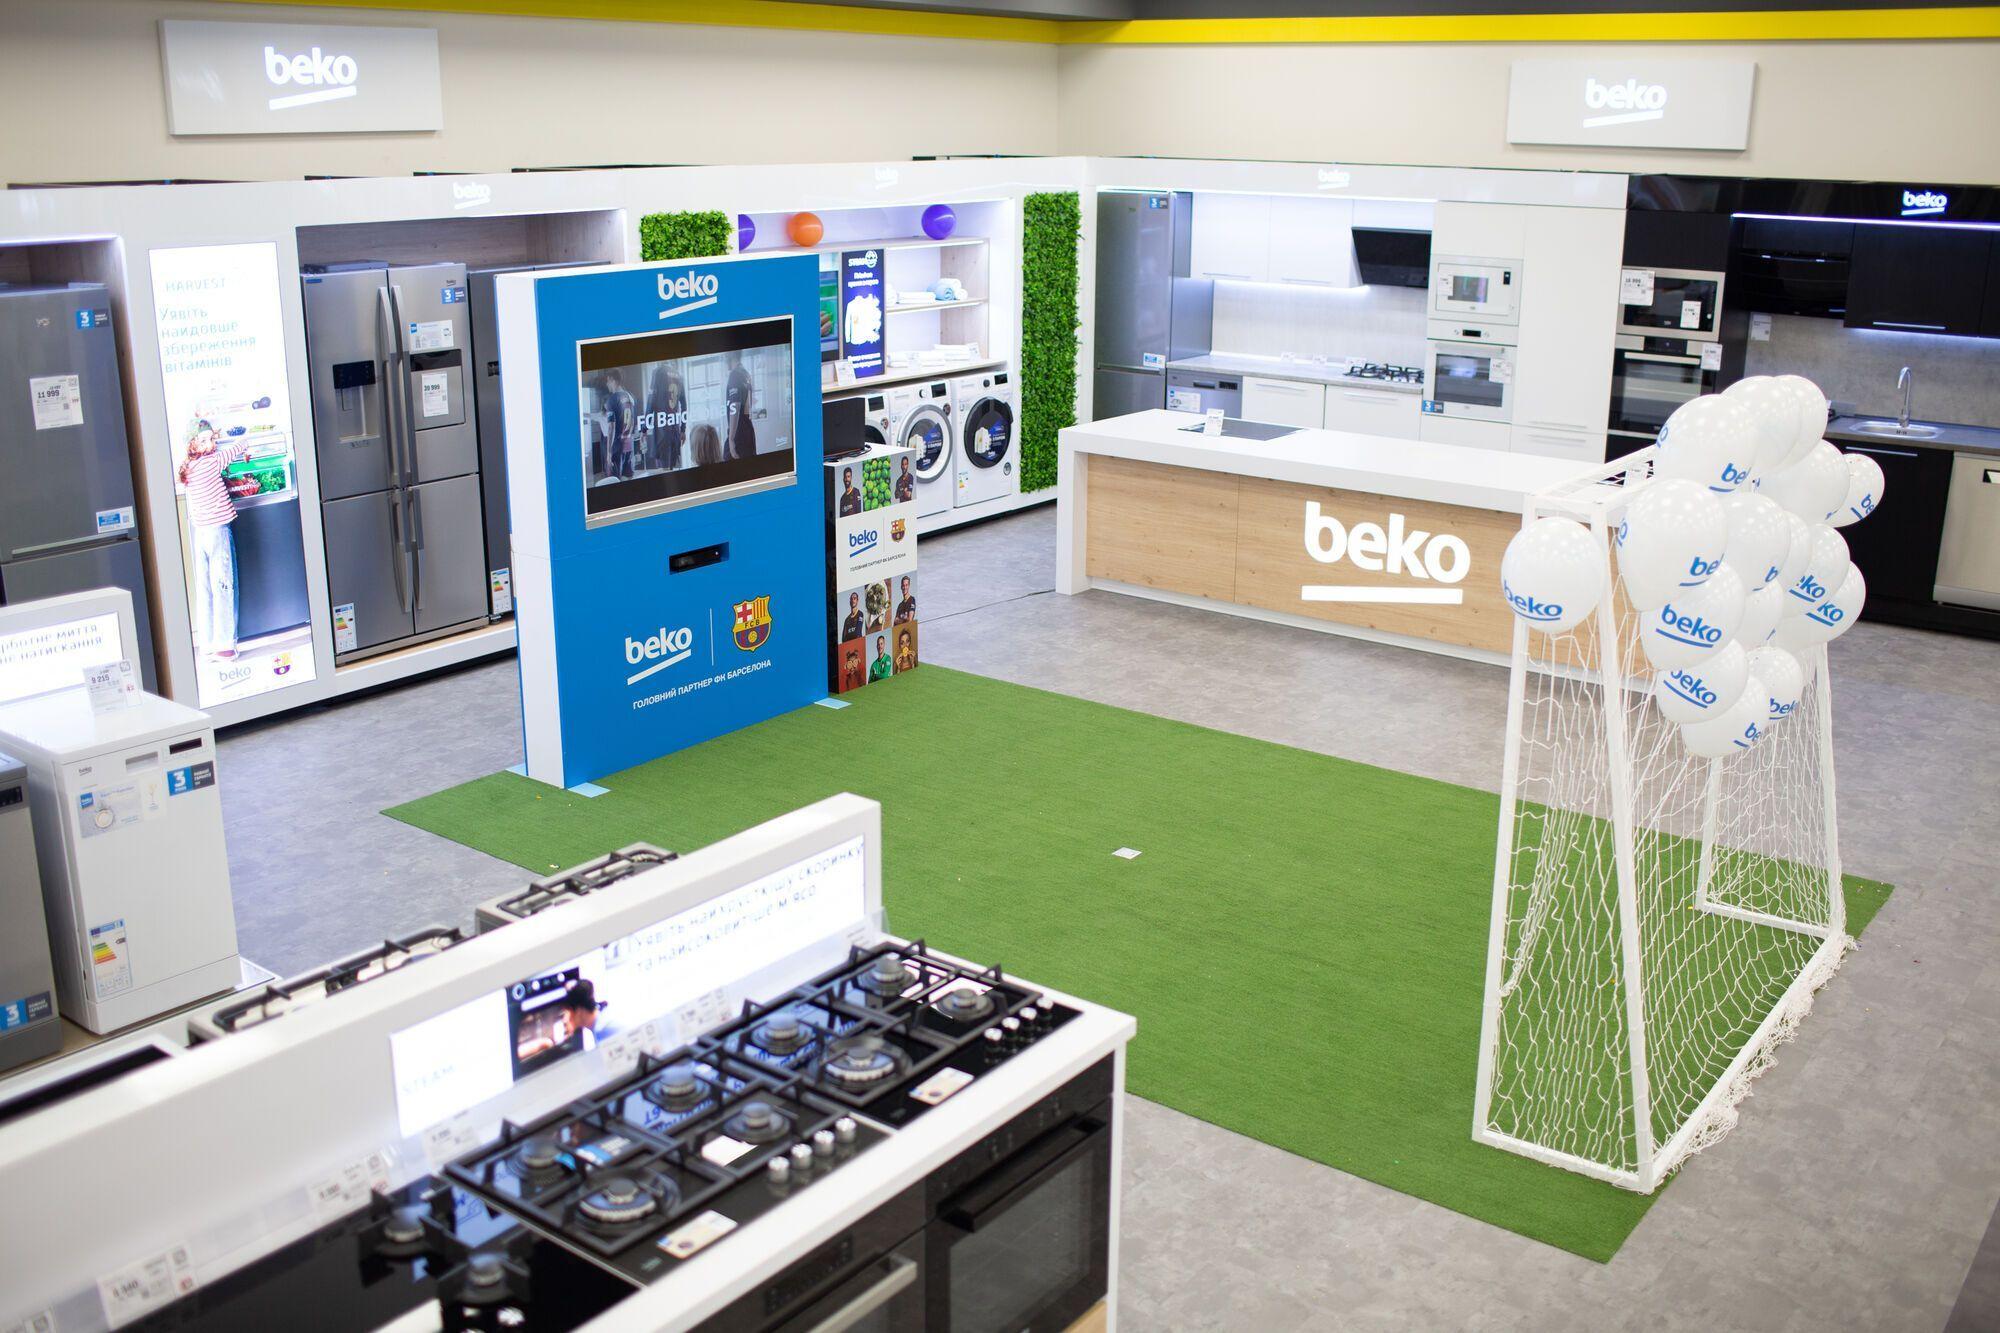 Beko также создала отдельно кулинарную зону